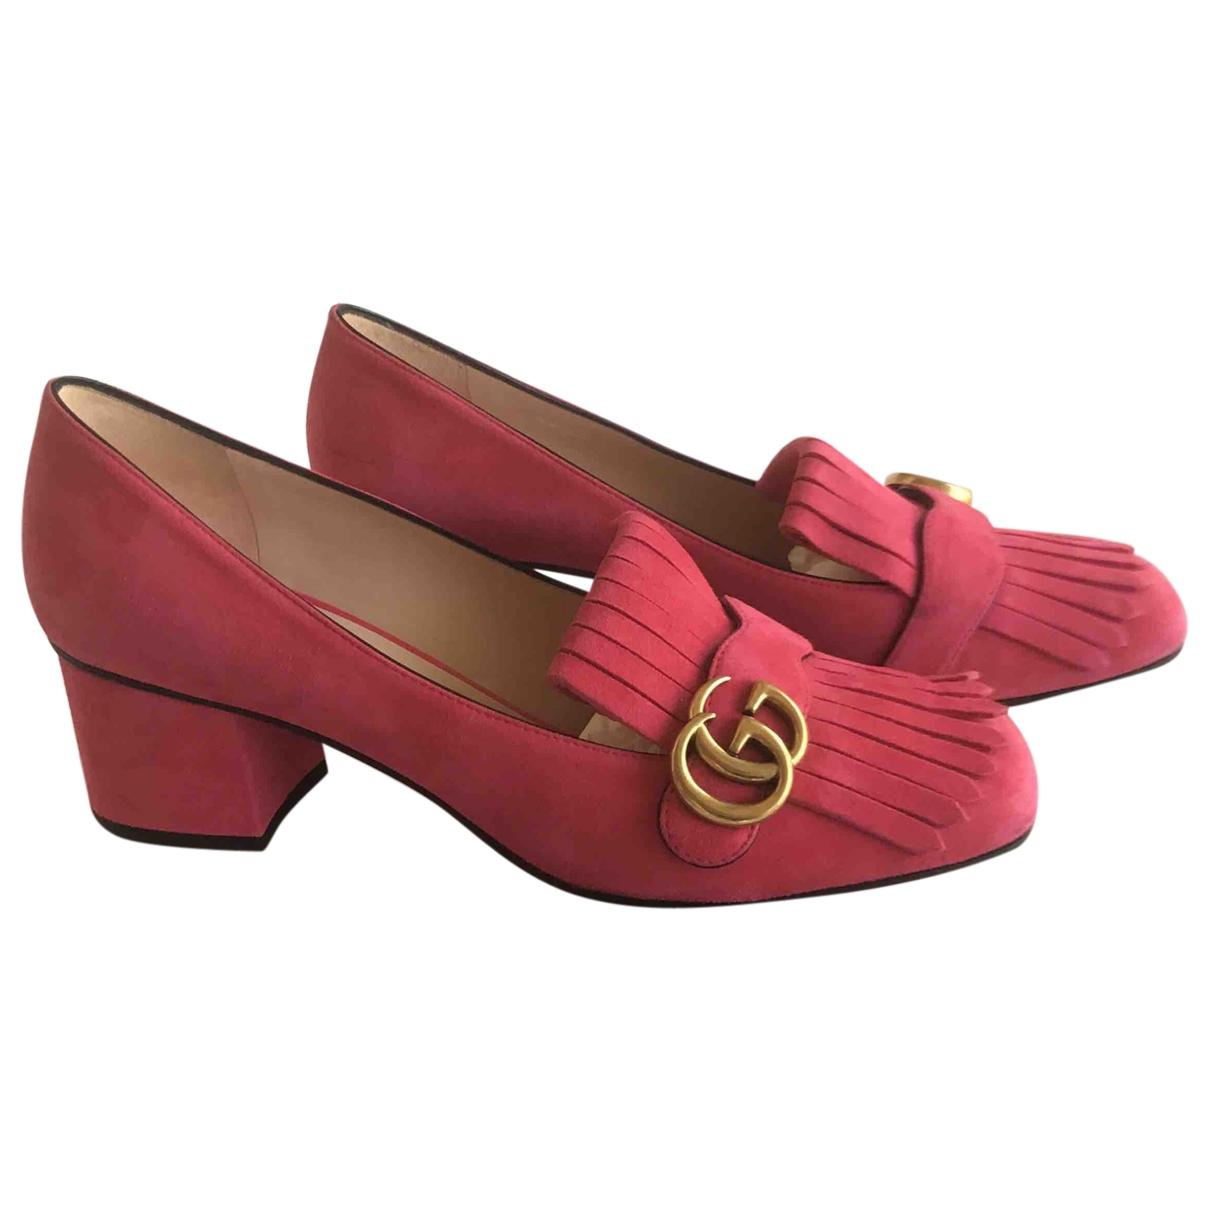 Gucci - Escarpins Marmont pour femme en suede - rose